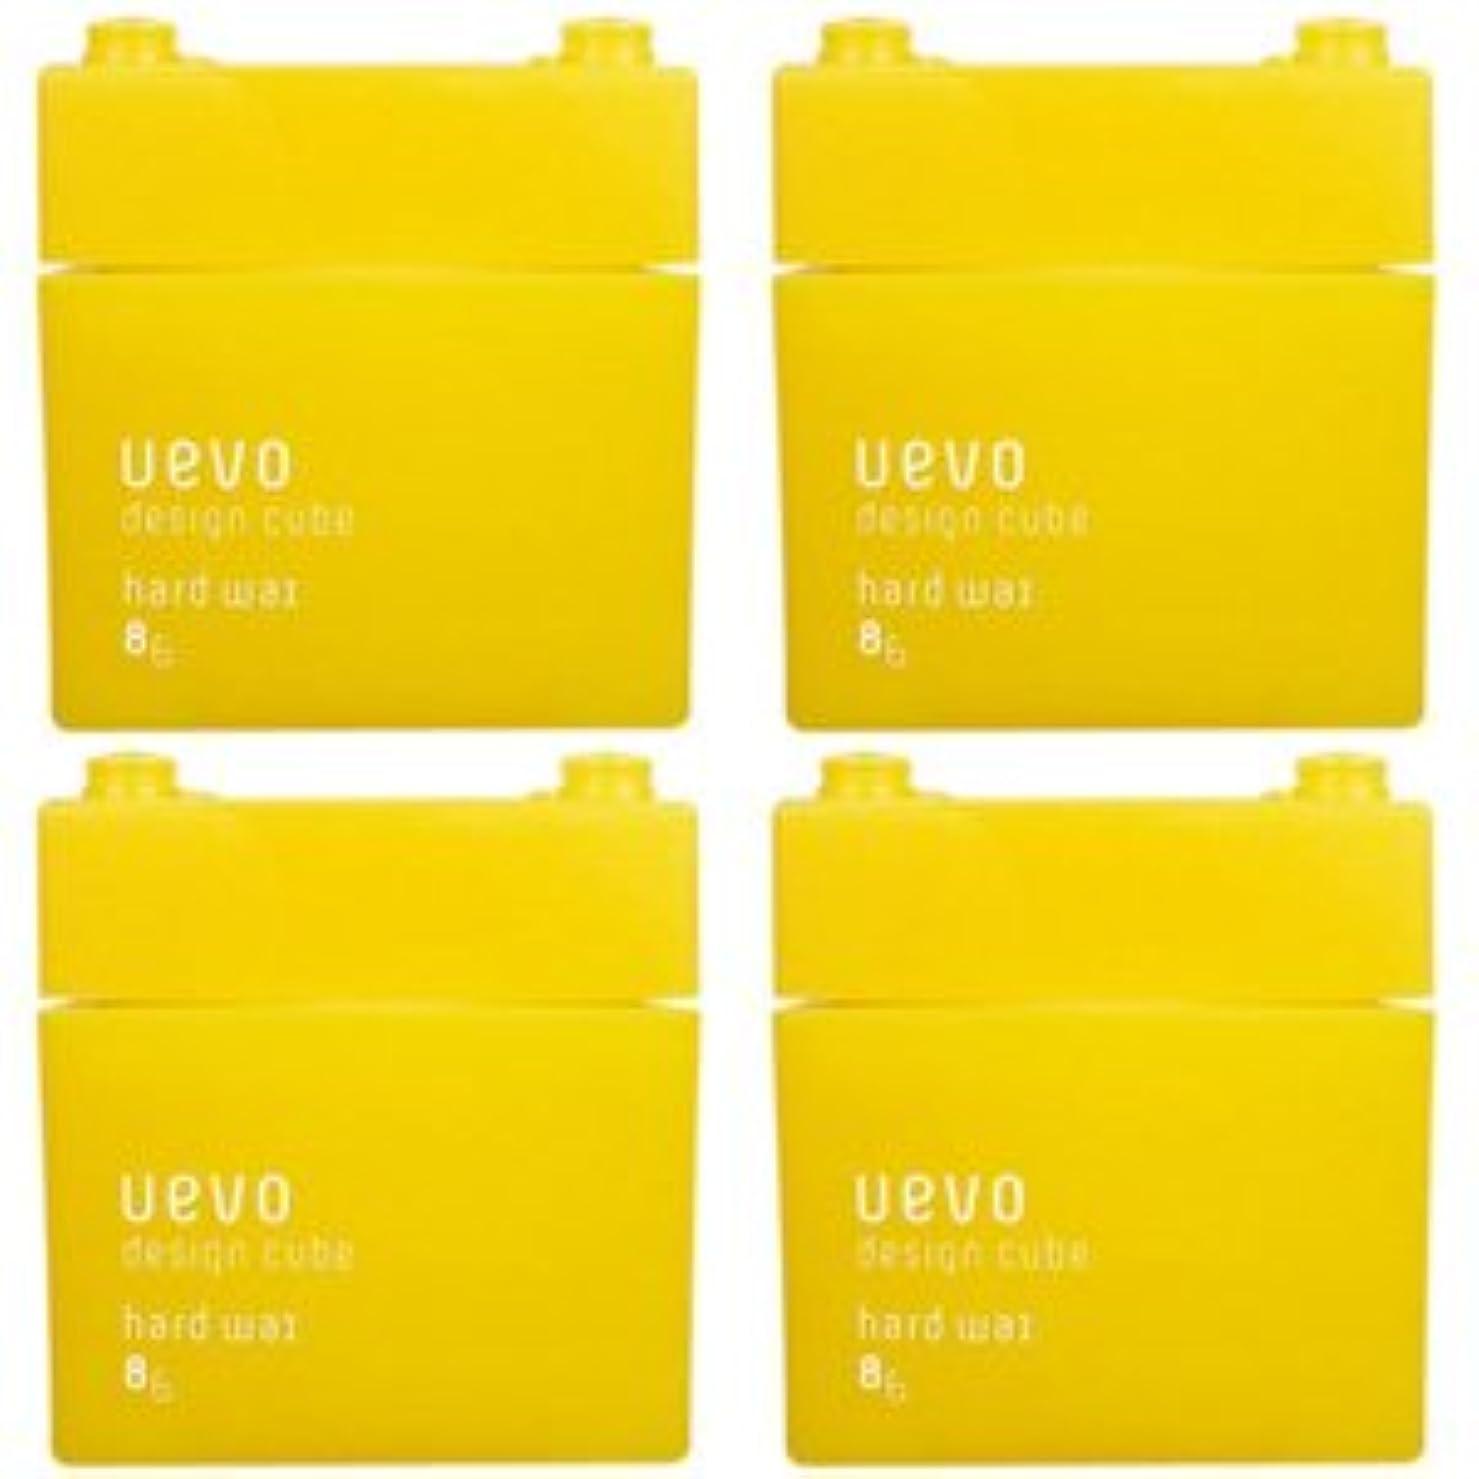 激しいこんにちは守る【X4個セット】 デミ ウェーボ デザインキューブ ハードワックス 80g hard wax DEMI uevo design cube